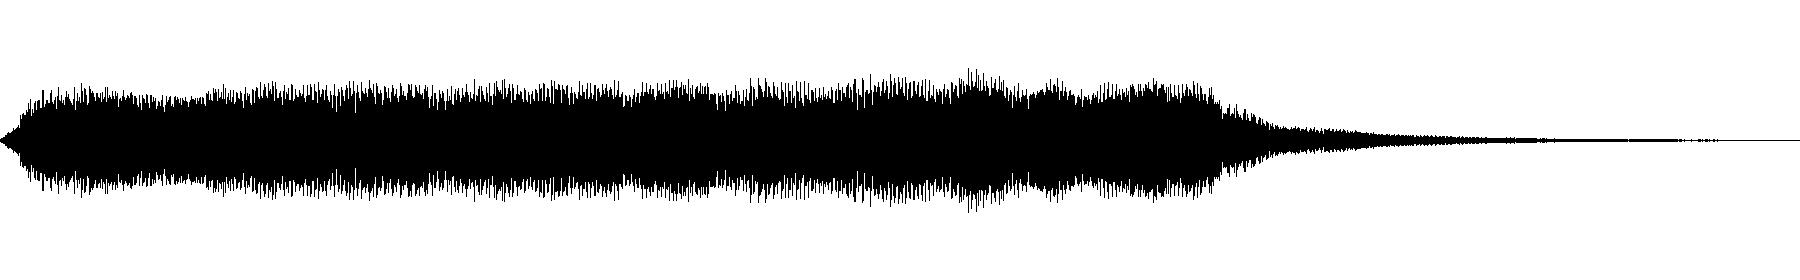 organ bsus4